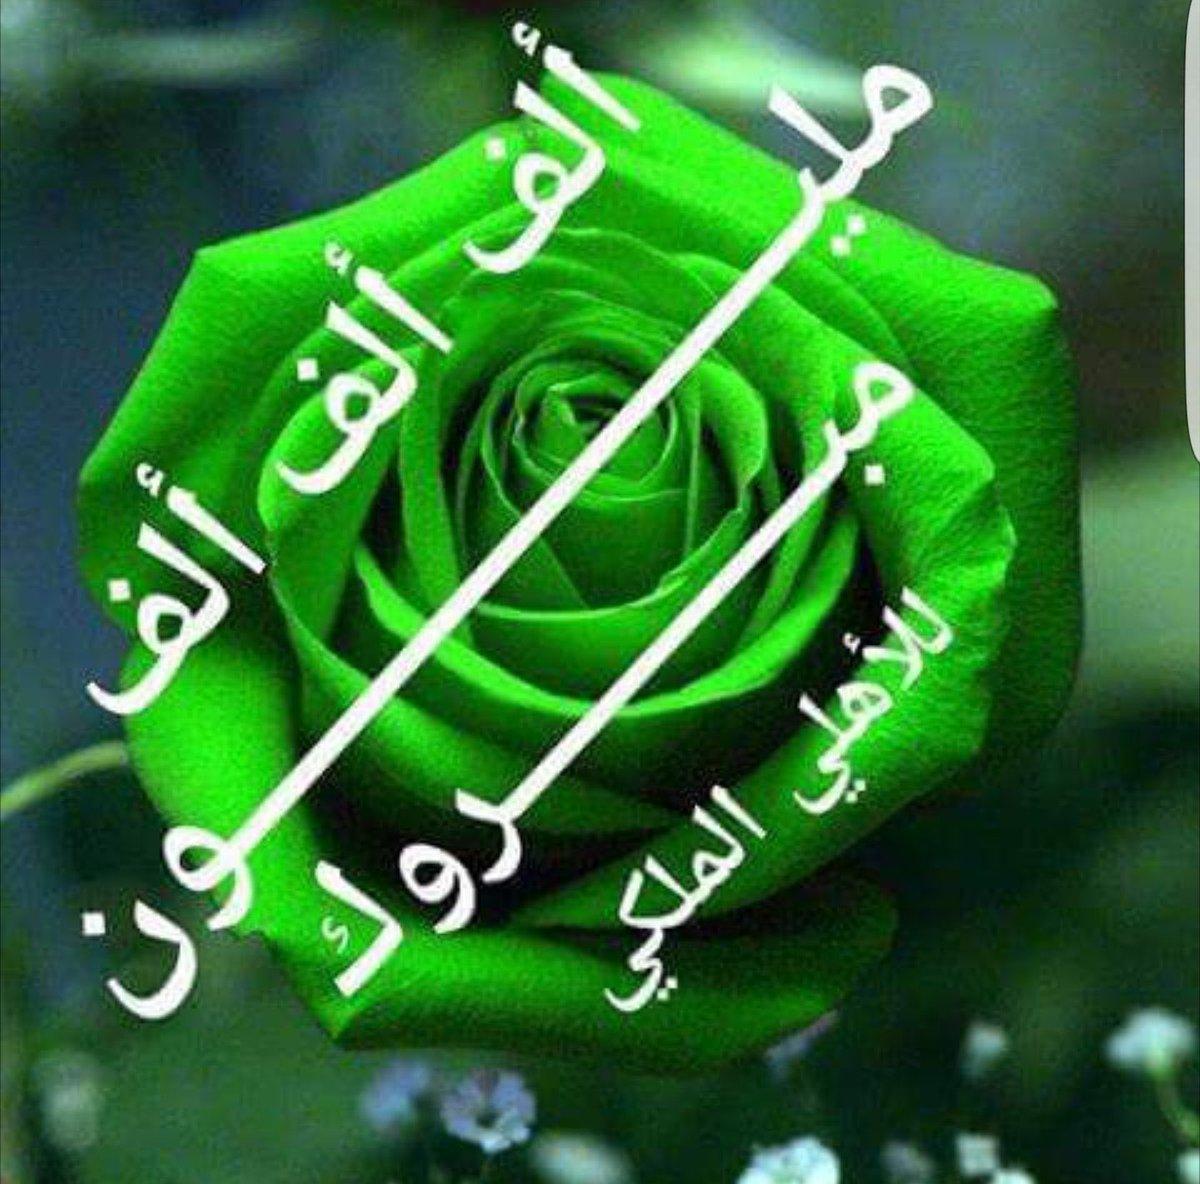 مجموعة إنسان . 💚الأهلي عشق💚 الجميع💚's photo on #الاهلي_احد